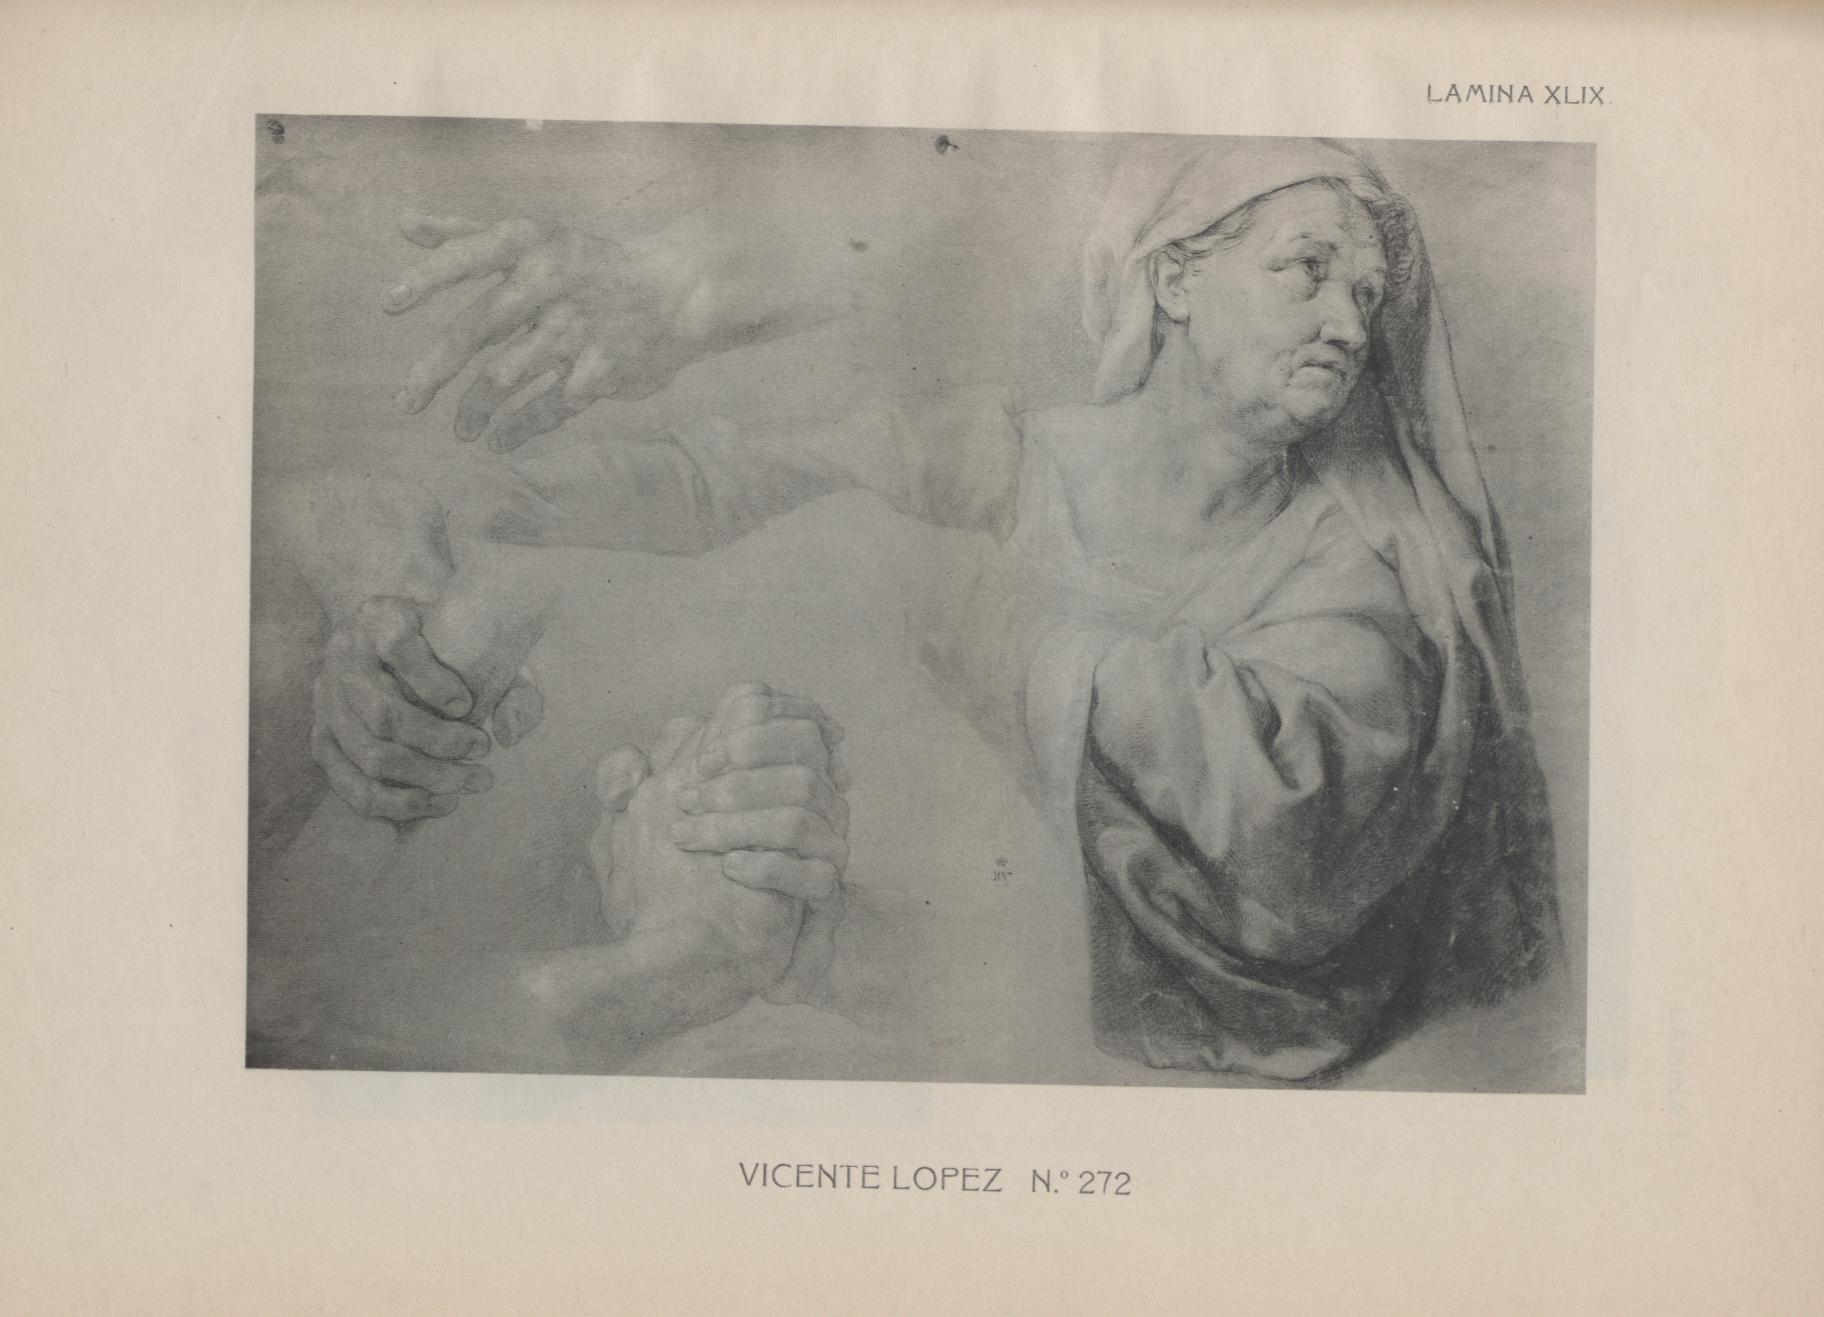 Exposici n de dibujos originales dip sit digital de - Laminas antonio lopez ...